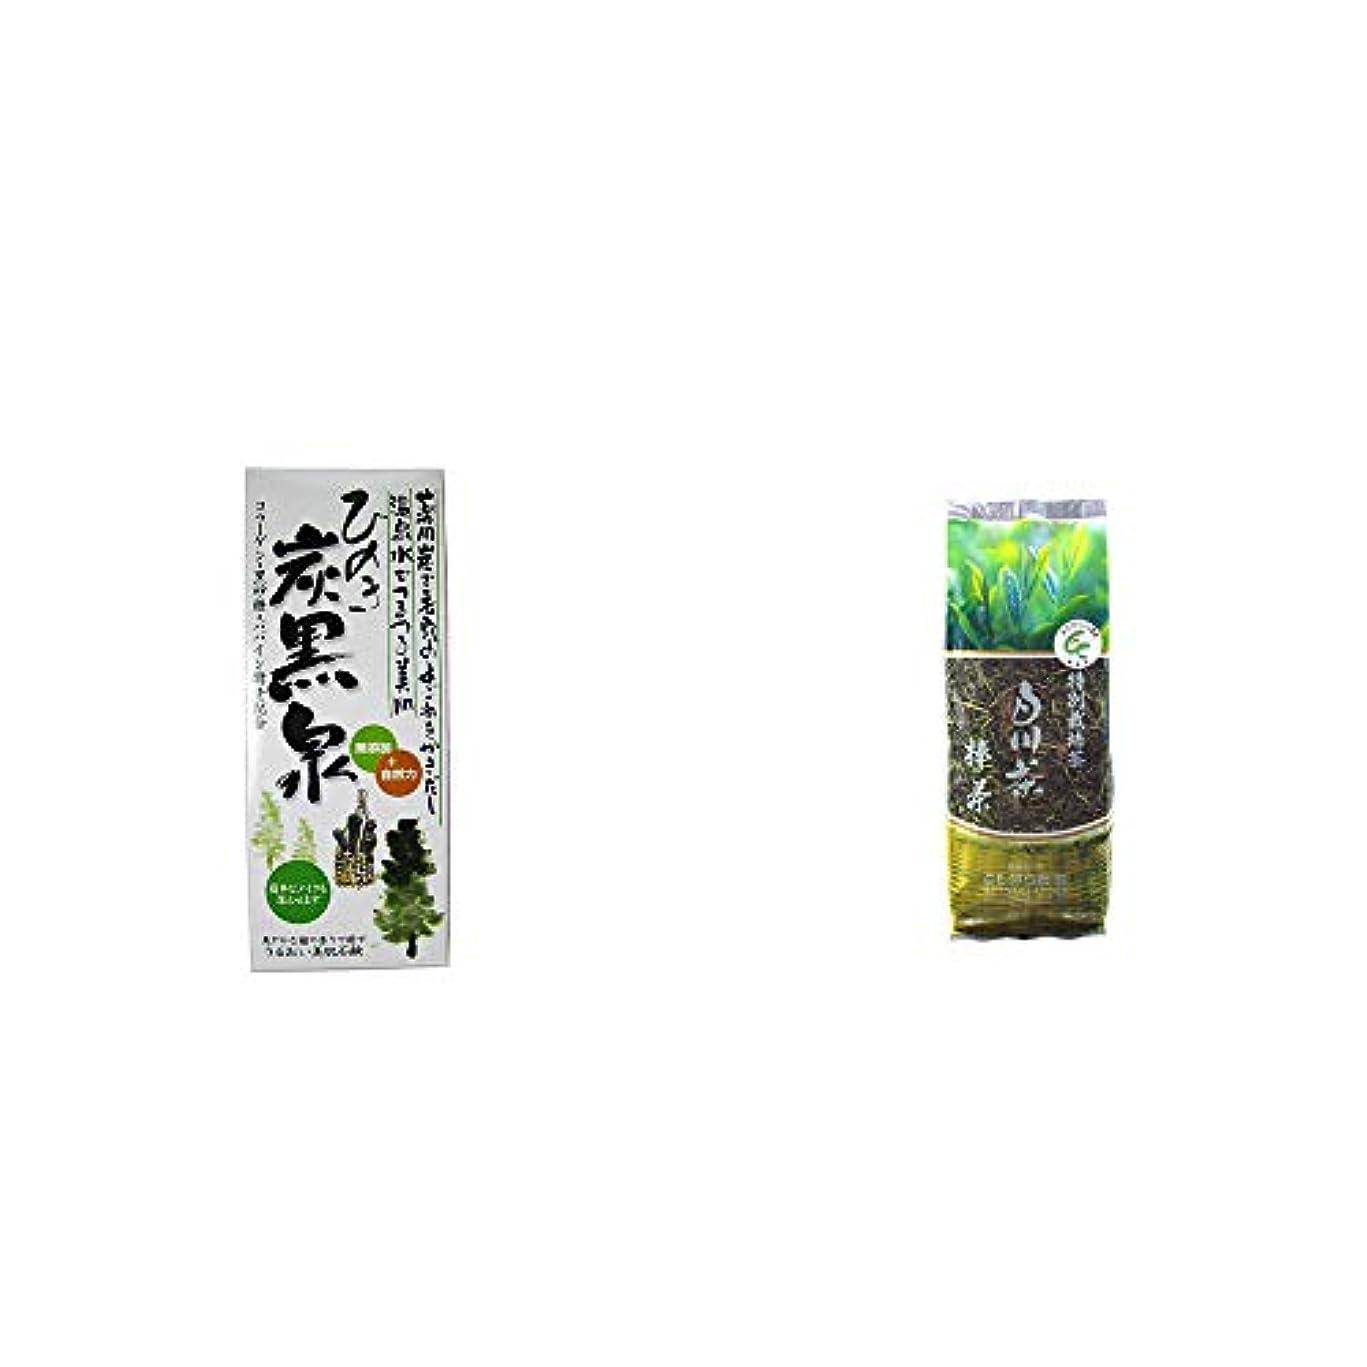 ウッズ鈍いシプリー[2点セット] ひのき炭黒泉 箱入り(75g×3)?白川茶 特別栽培茶【棒茶】(150g)